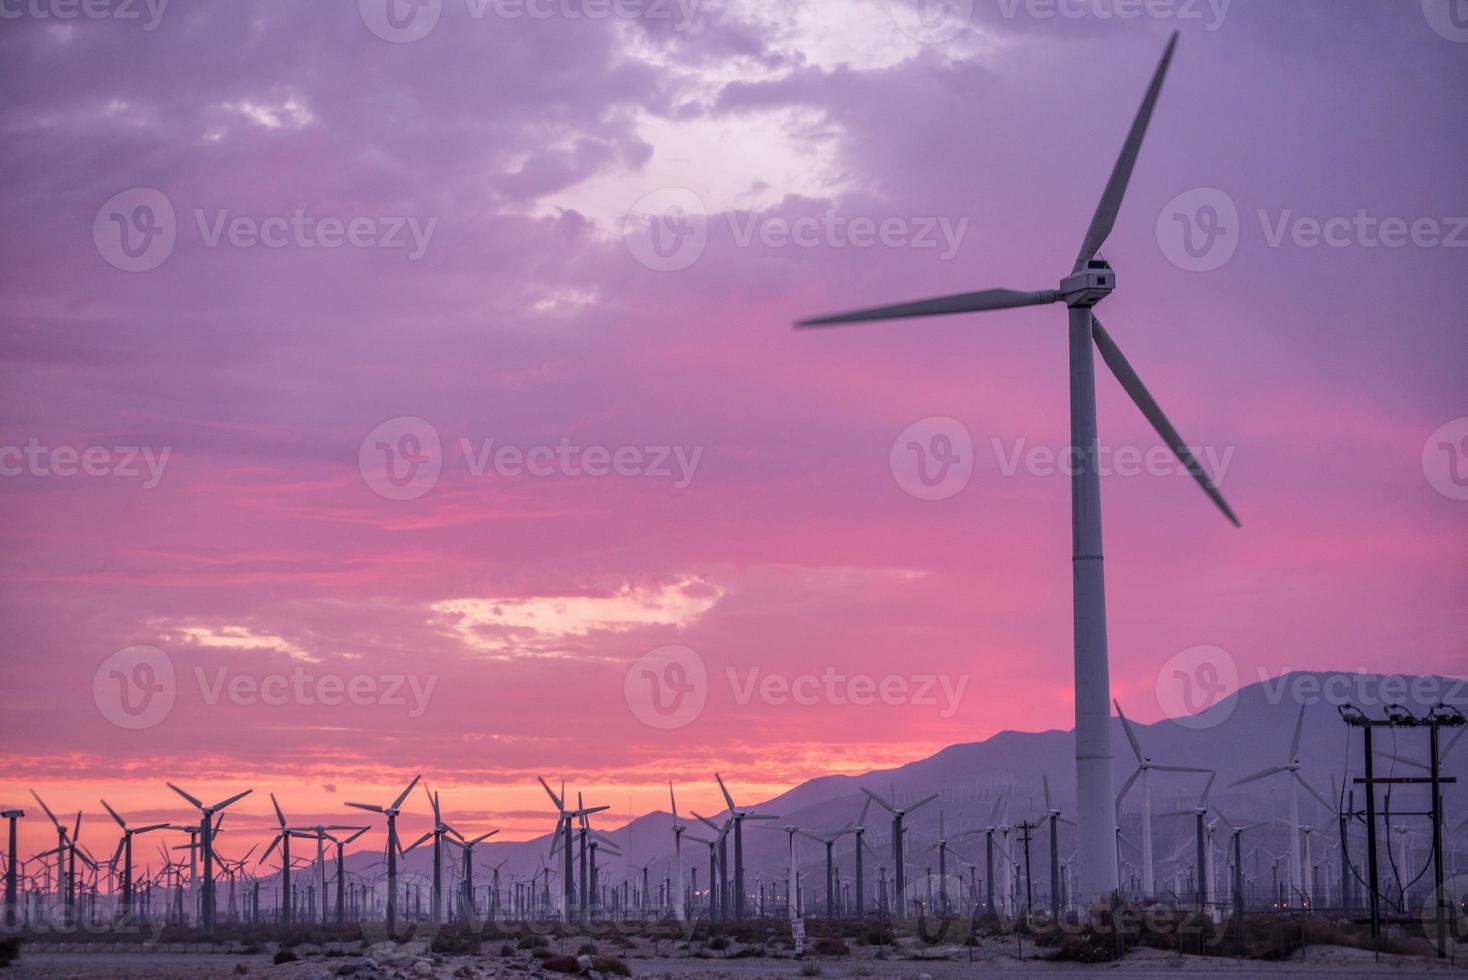 cuchilla de viento foto